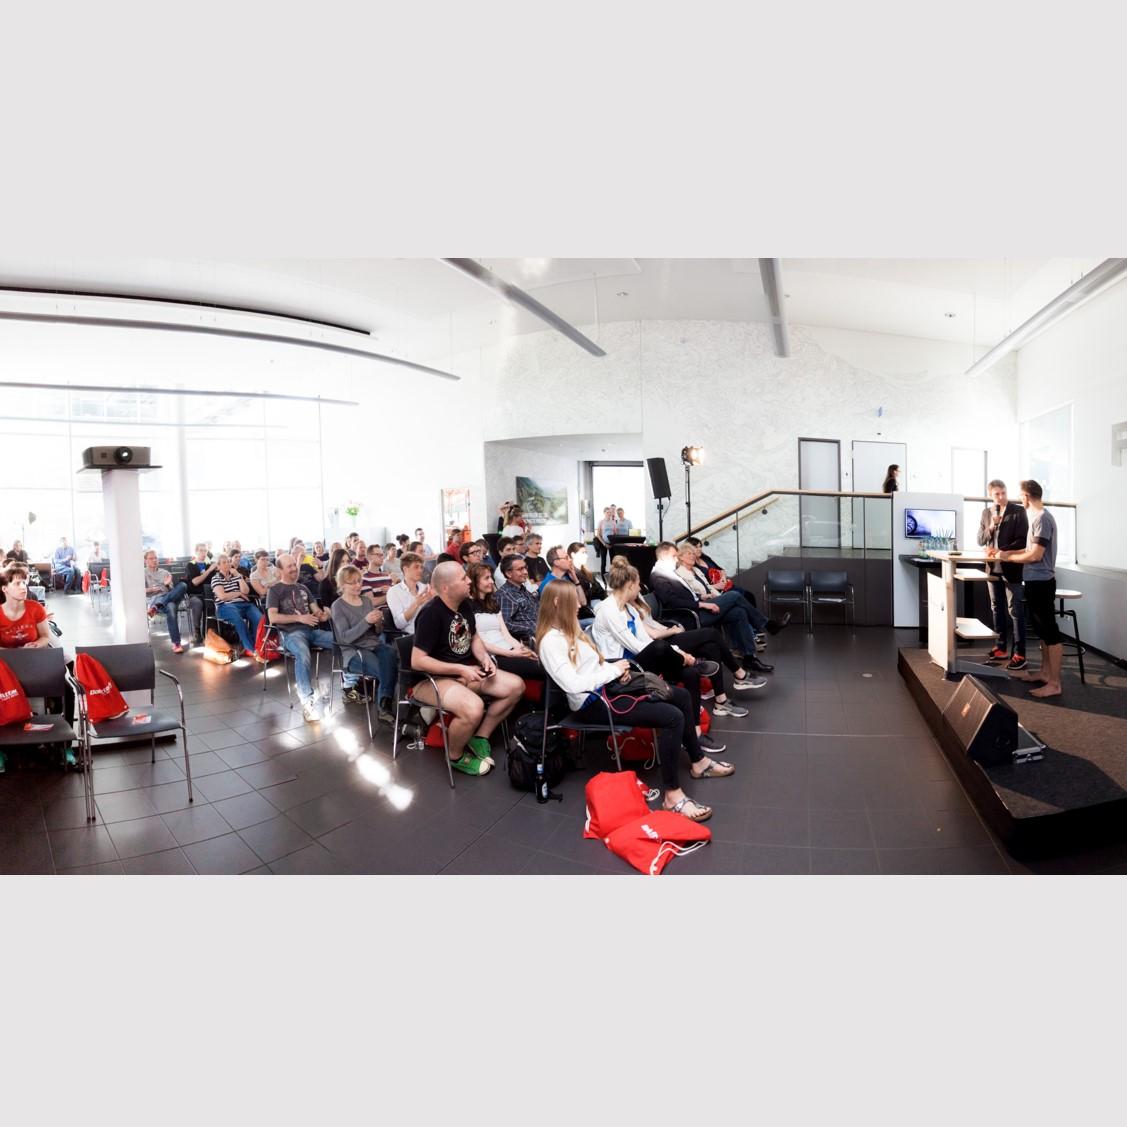 Vortrag: Darmgesundheit beim BMW Ausdauersymposium 2017